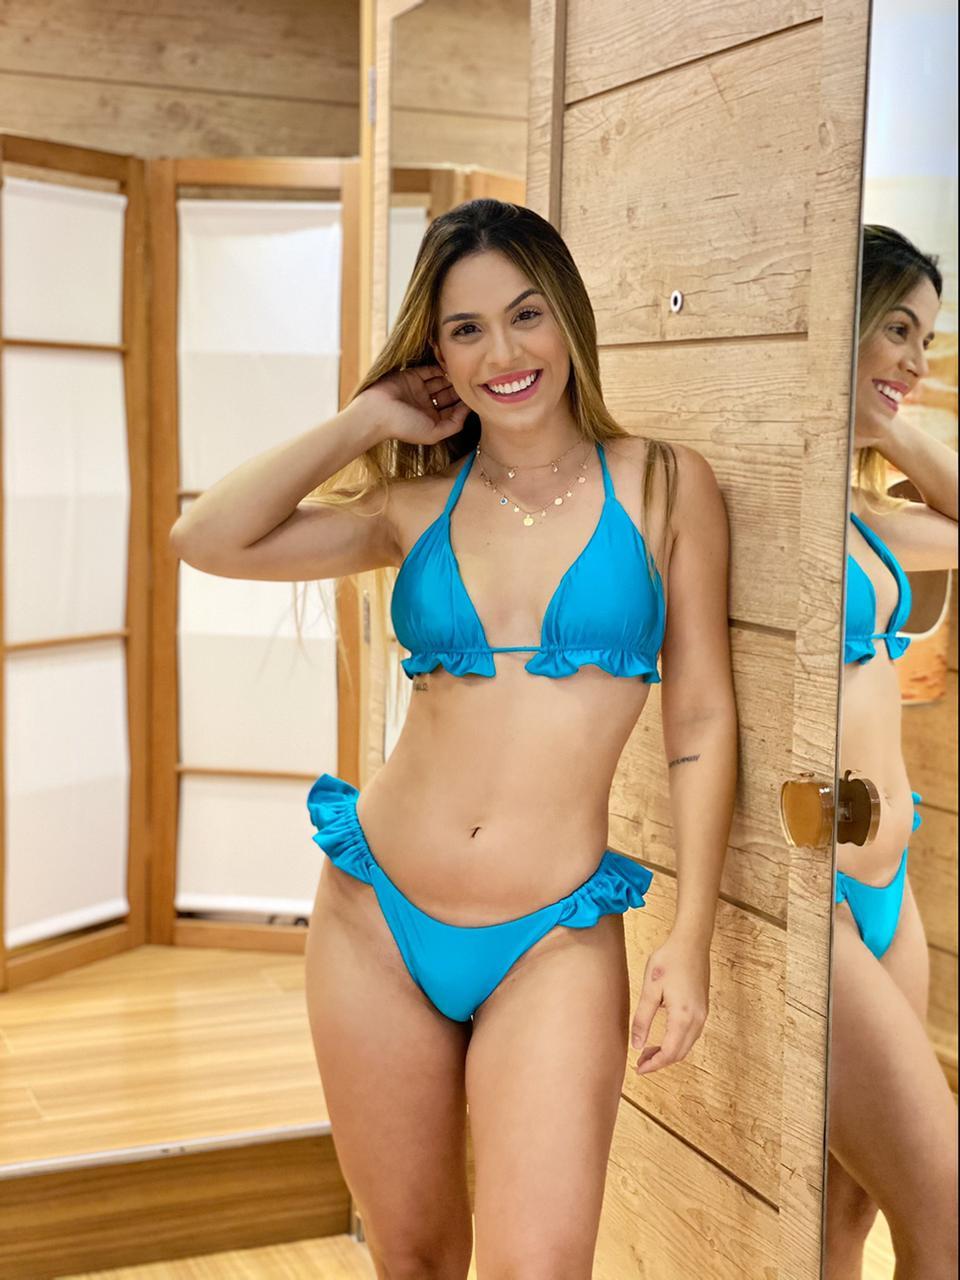 Calcinha Biquíni Babado Lateral Azul Turquesa   - RMCE BRAZIL